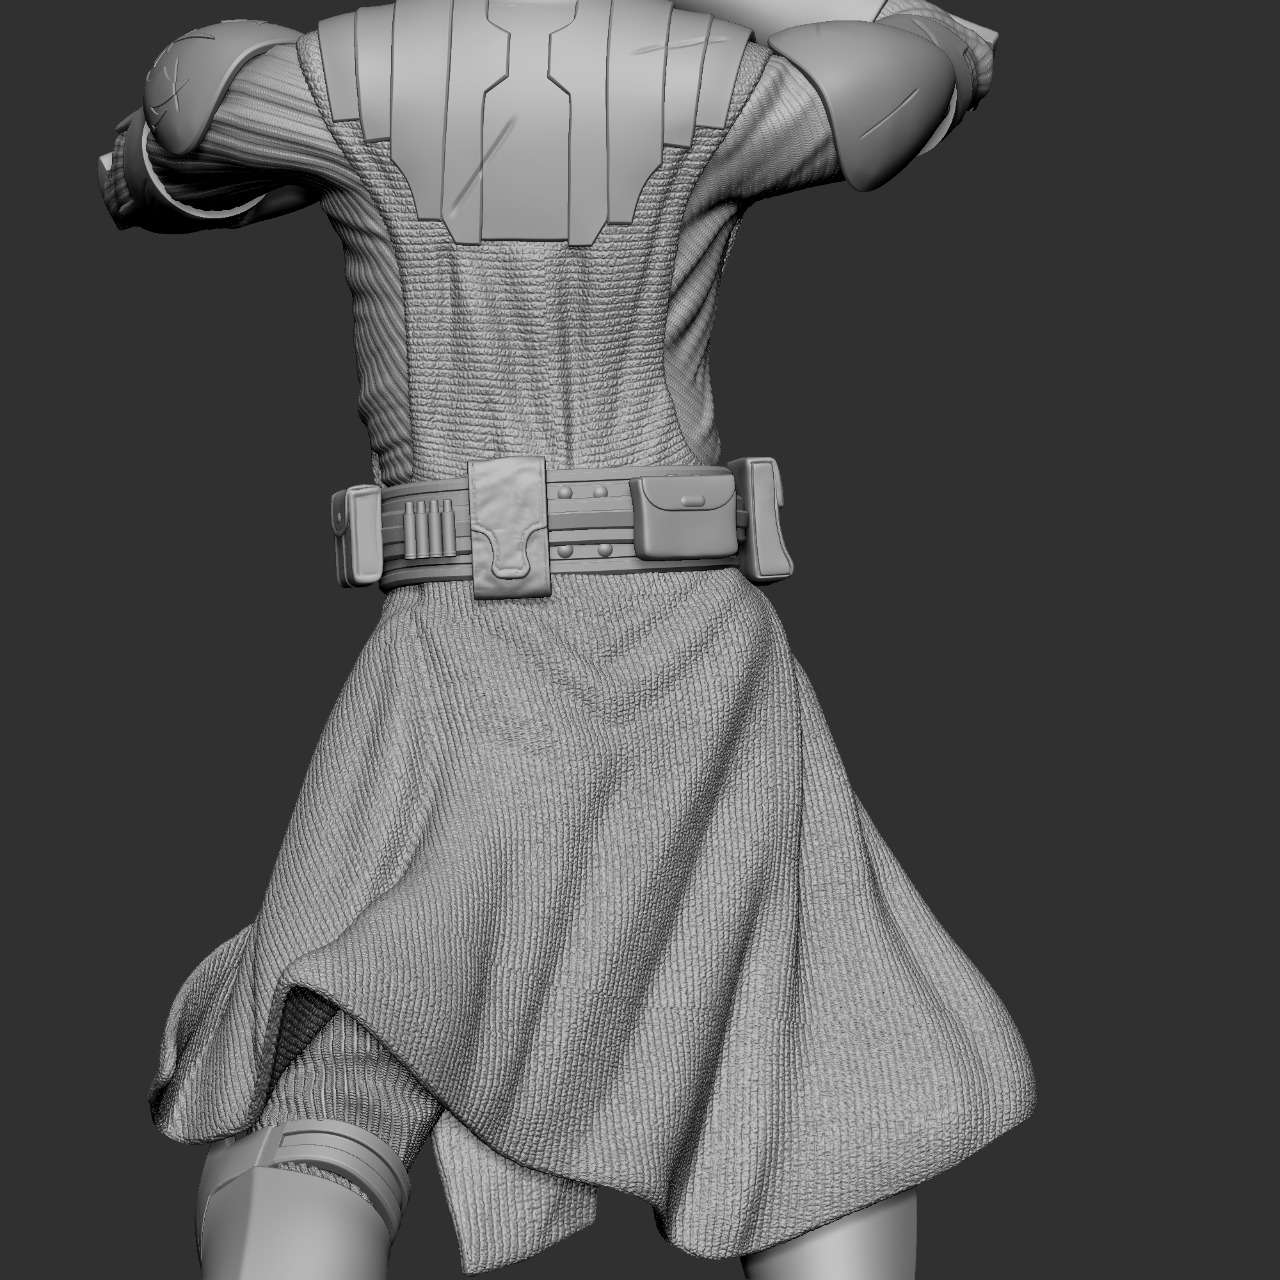 Obi wan kenobi clone wars - Obi wan kenobi clone wars - Os melhores arquivos para impressão 3D do mundo. Modelos stl divididos em partes para facilitar a impressão 3D. Todos os tipos de personagens, decoração, cosplay, próteses, peças. Qualidade na impressão 3D. Modelos 3D com preço acessível. Baixo custo. Compras coletivas de arquivos 3D.